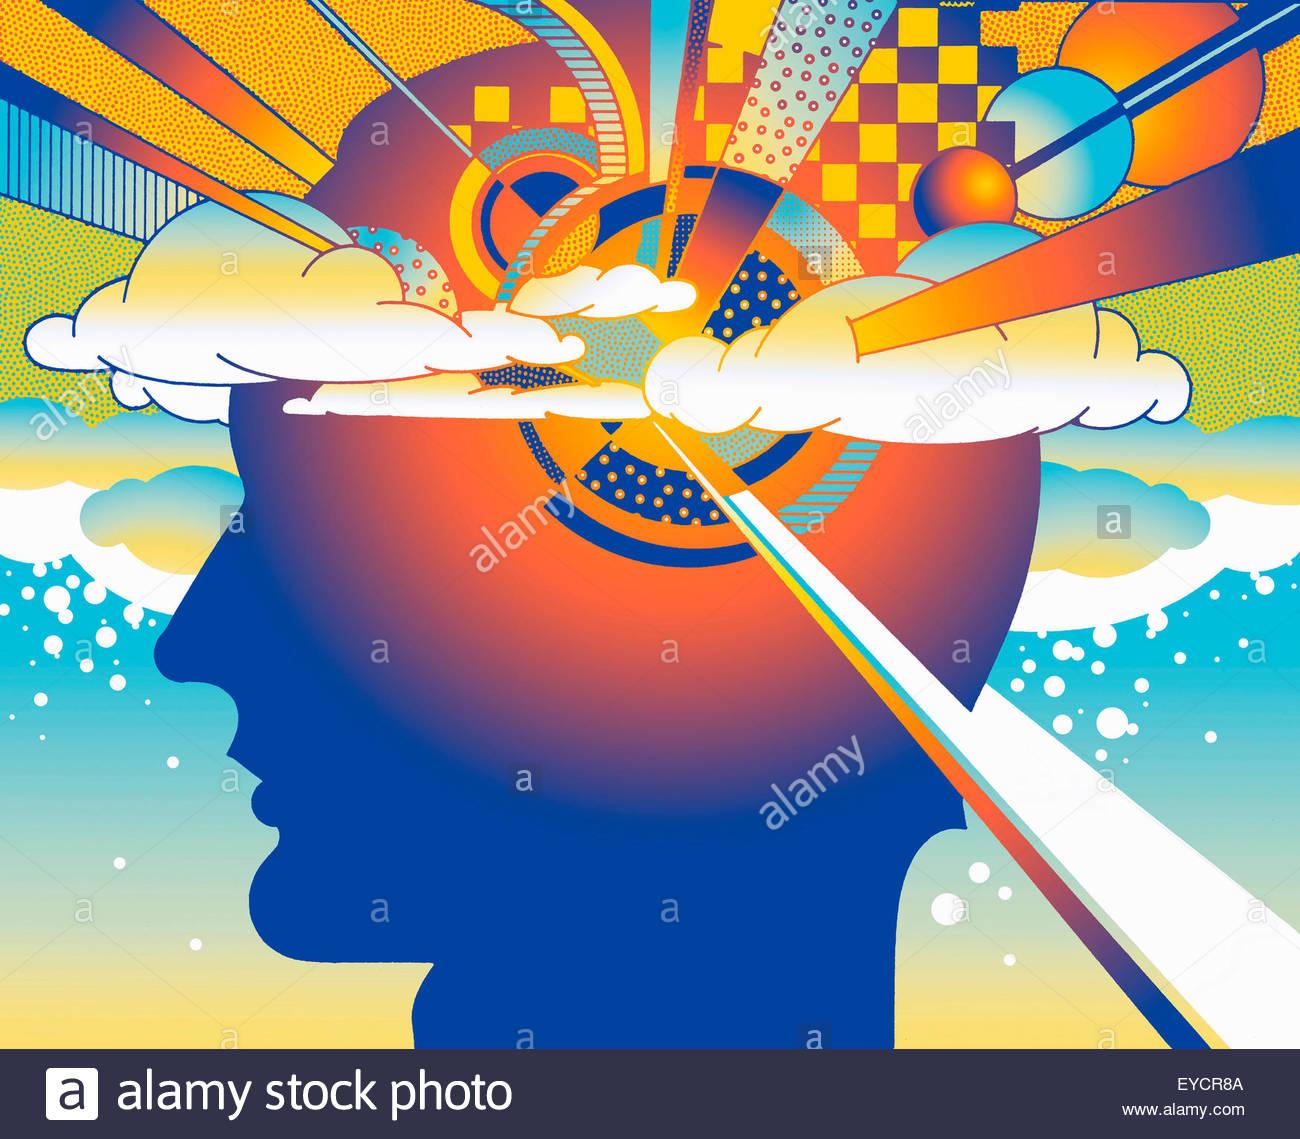 Complejo patrón de formas geométricas dentro del hombre la cabeza en las nubes Imagen De Stock